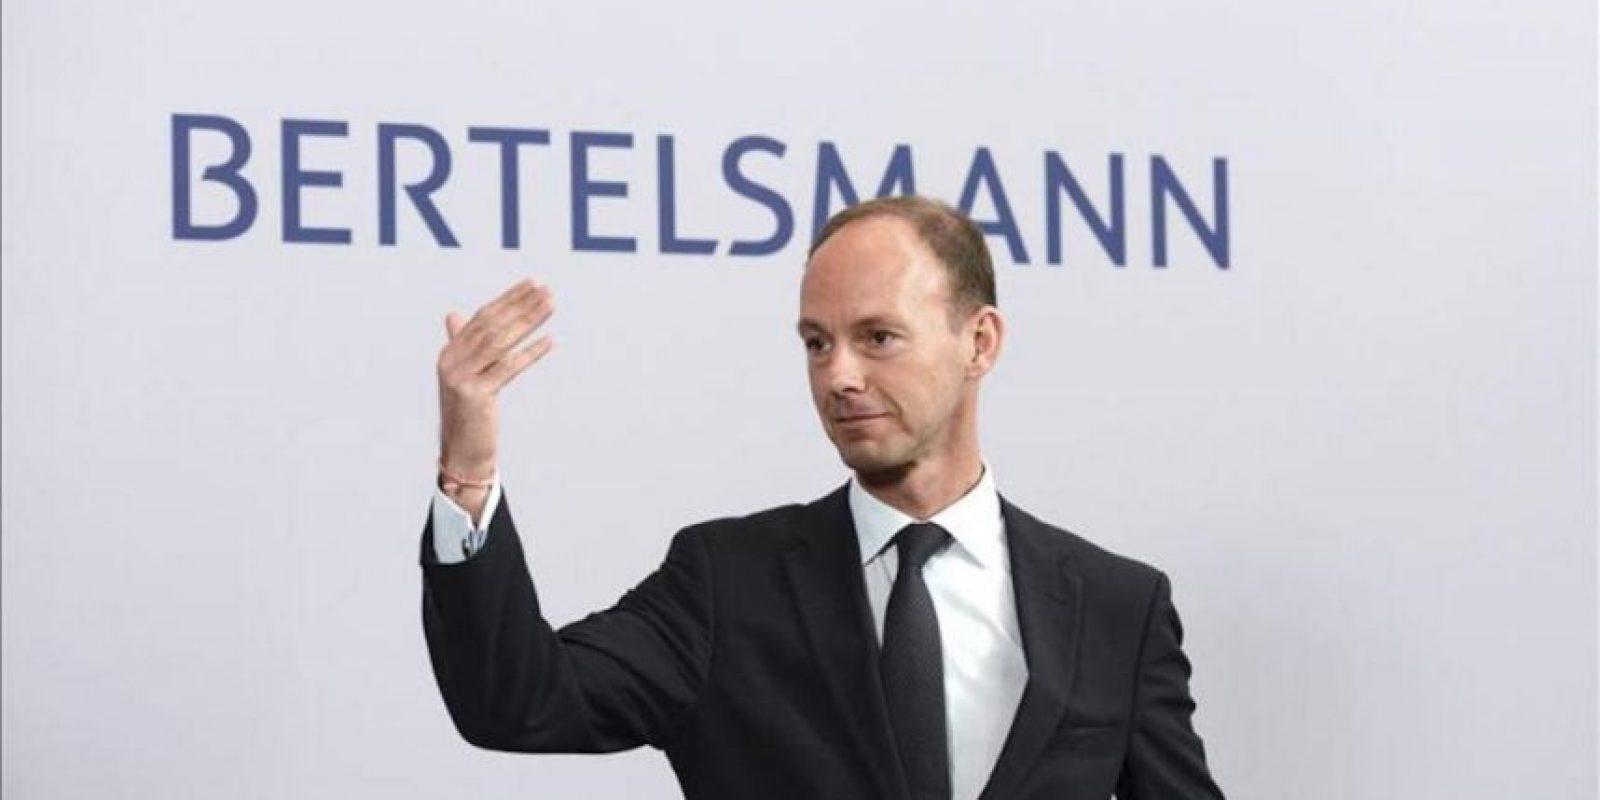 El consejero delegado de Bertelsmann, Thomas Rabe, durante una rueda de prensa celebrada en Berlín (Alemania). EFE/Archivo